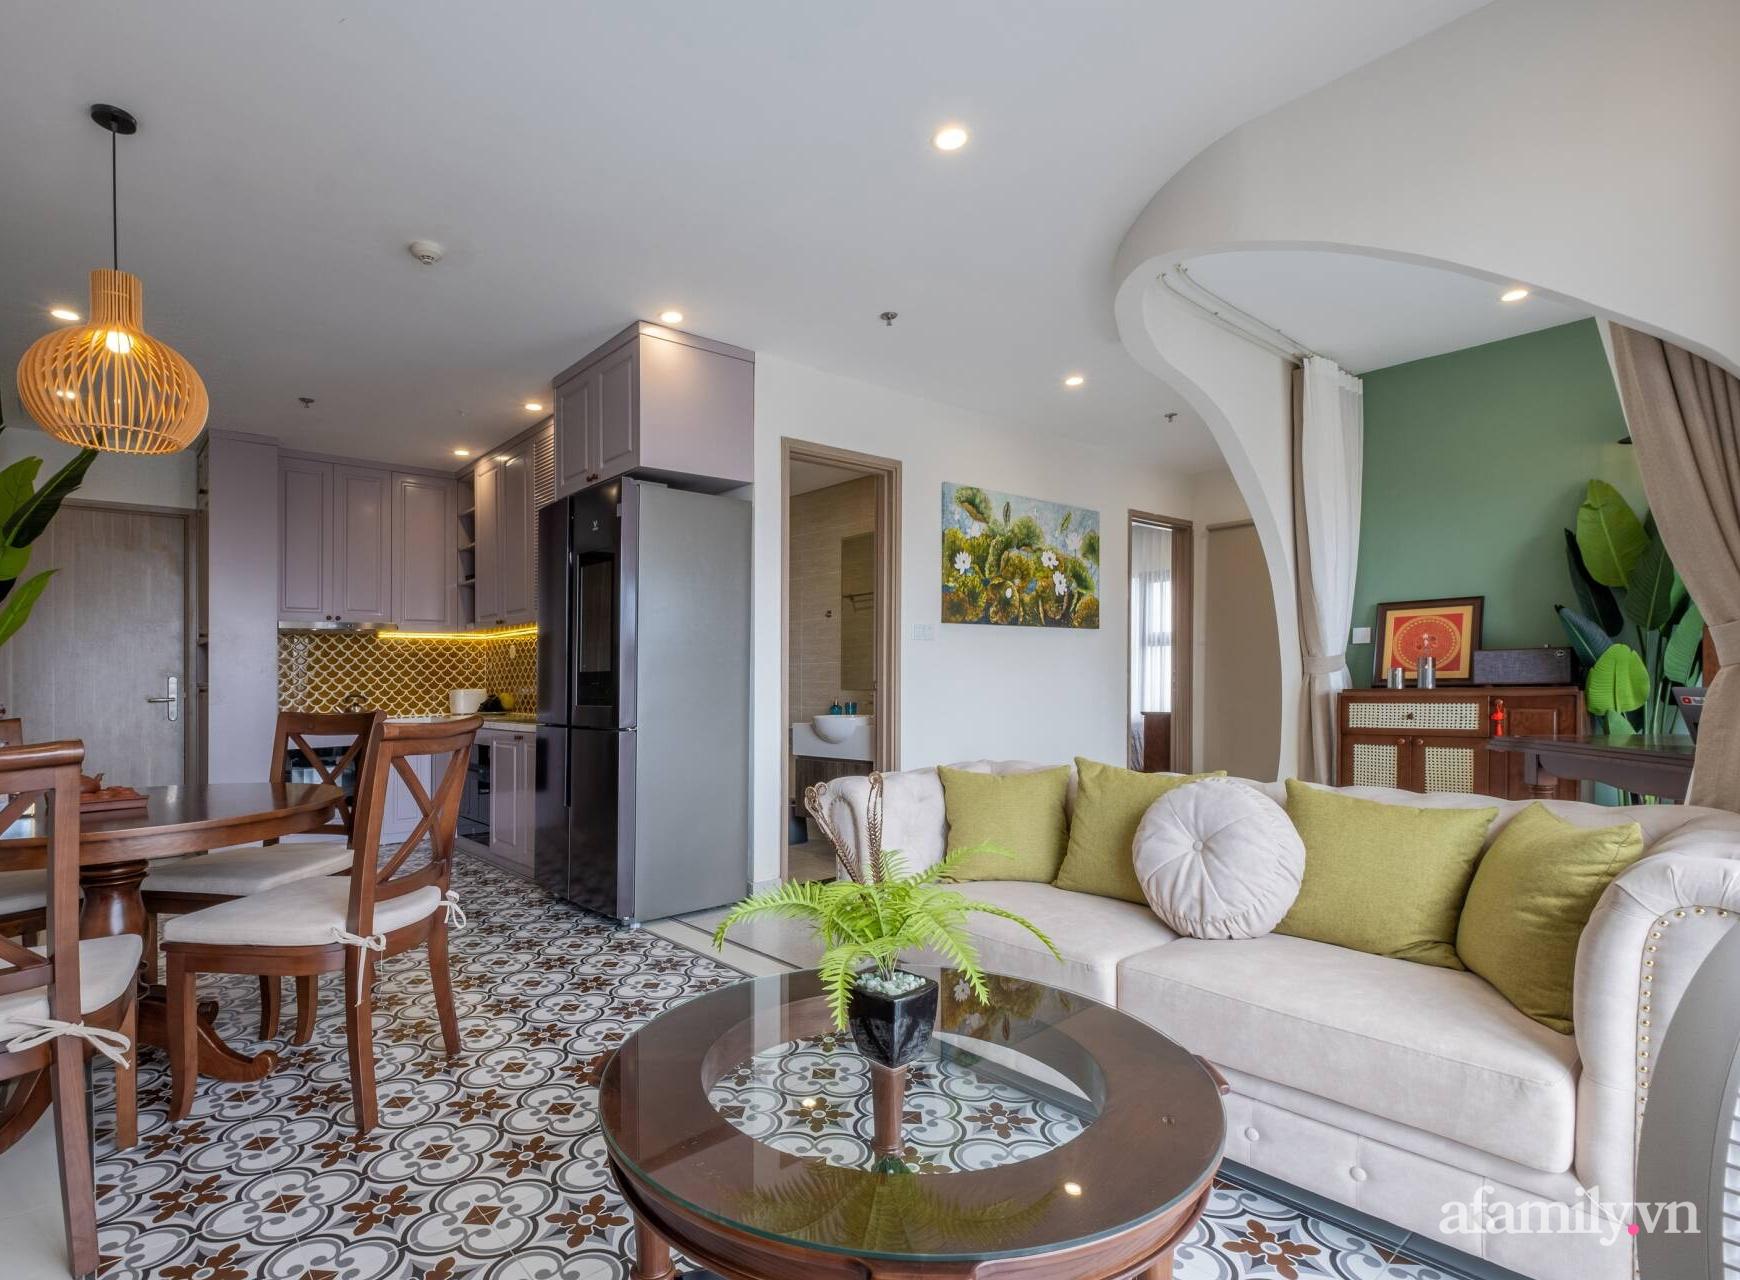 Căn hộ 3 phòng ngủ đẹp tinh tế với phong cách Indochine ở Vinhomes Ocean Park, Hà Nội - Ảnh 3.